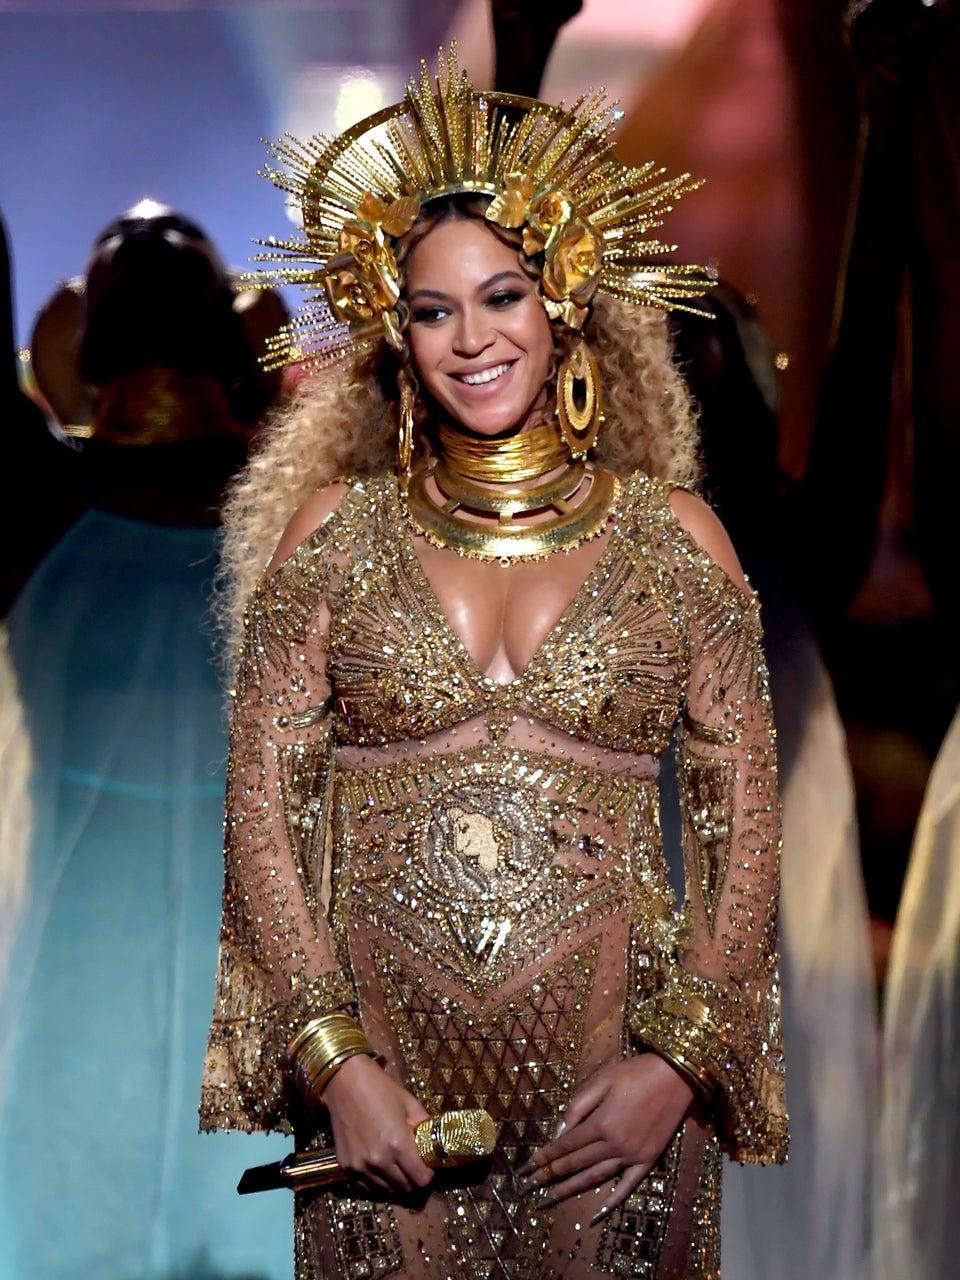 Beyoncé Cancels Coachella Performance, Plans To Perform At 2018 Festival